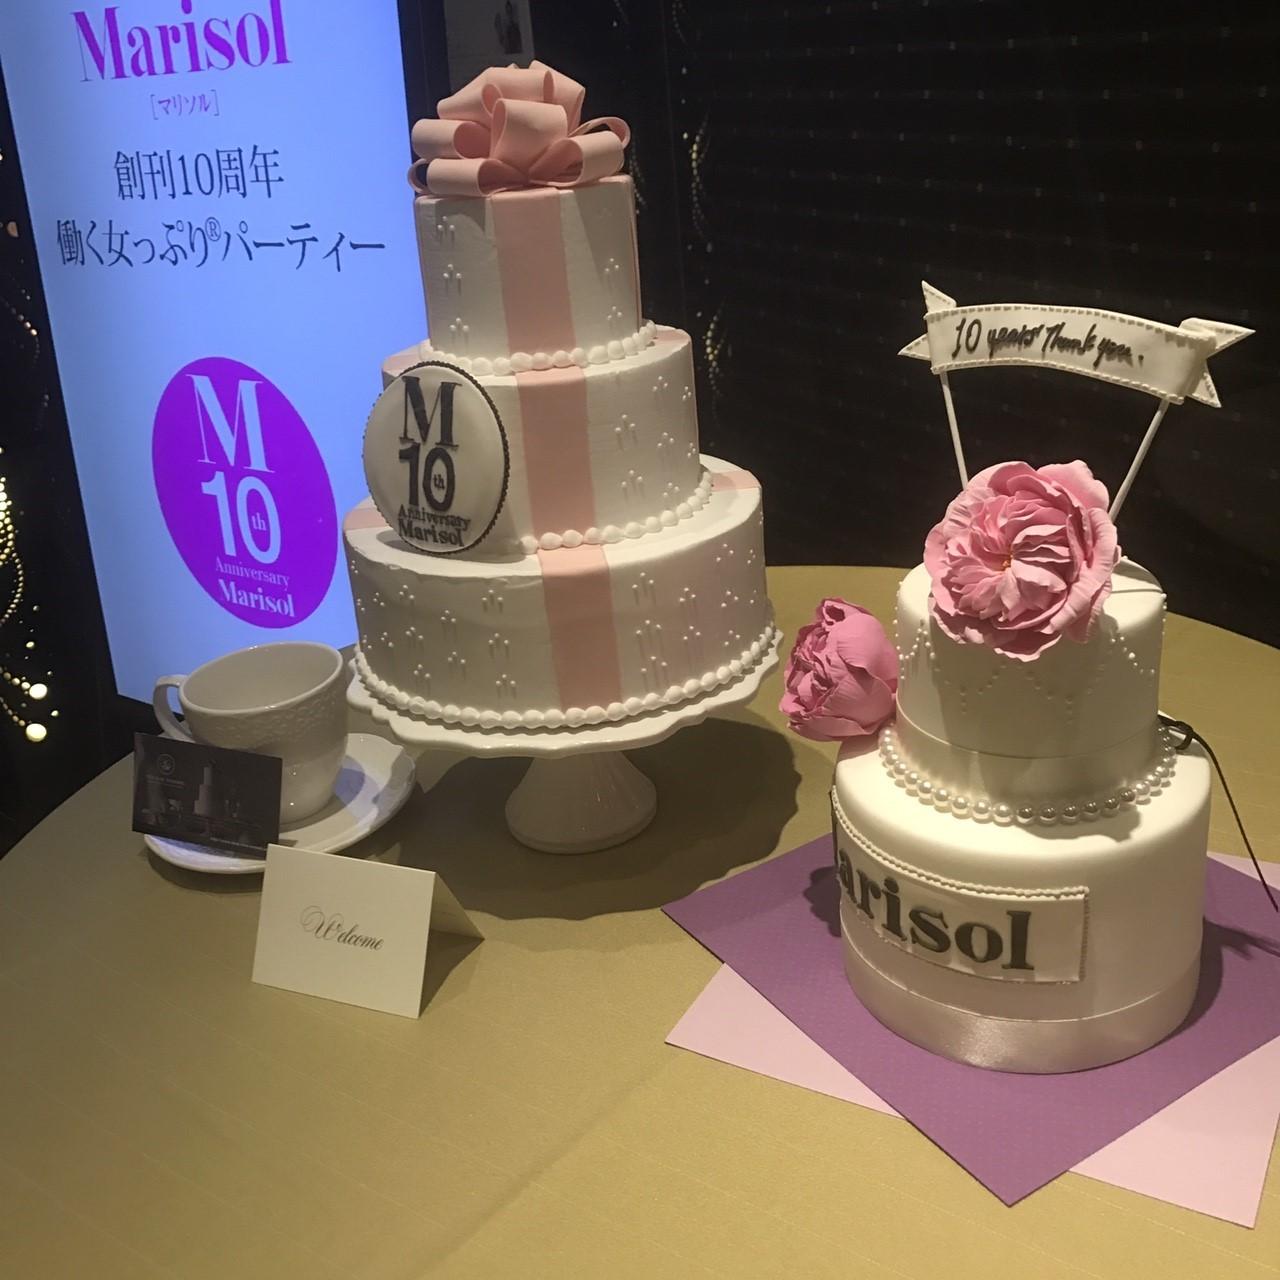 マリソル10周年記念パーティー!_1_2-1